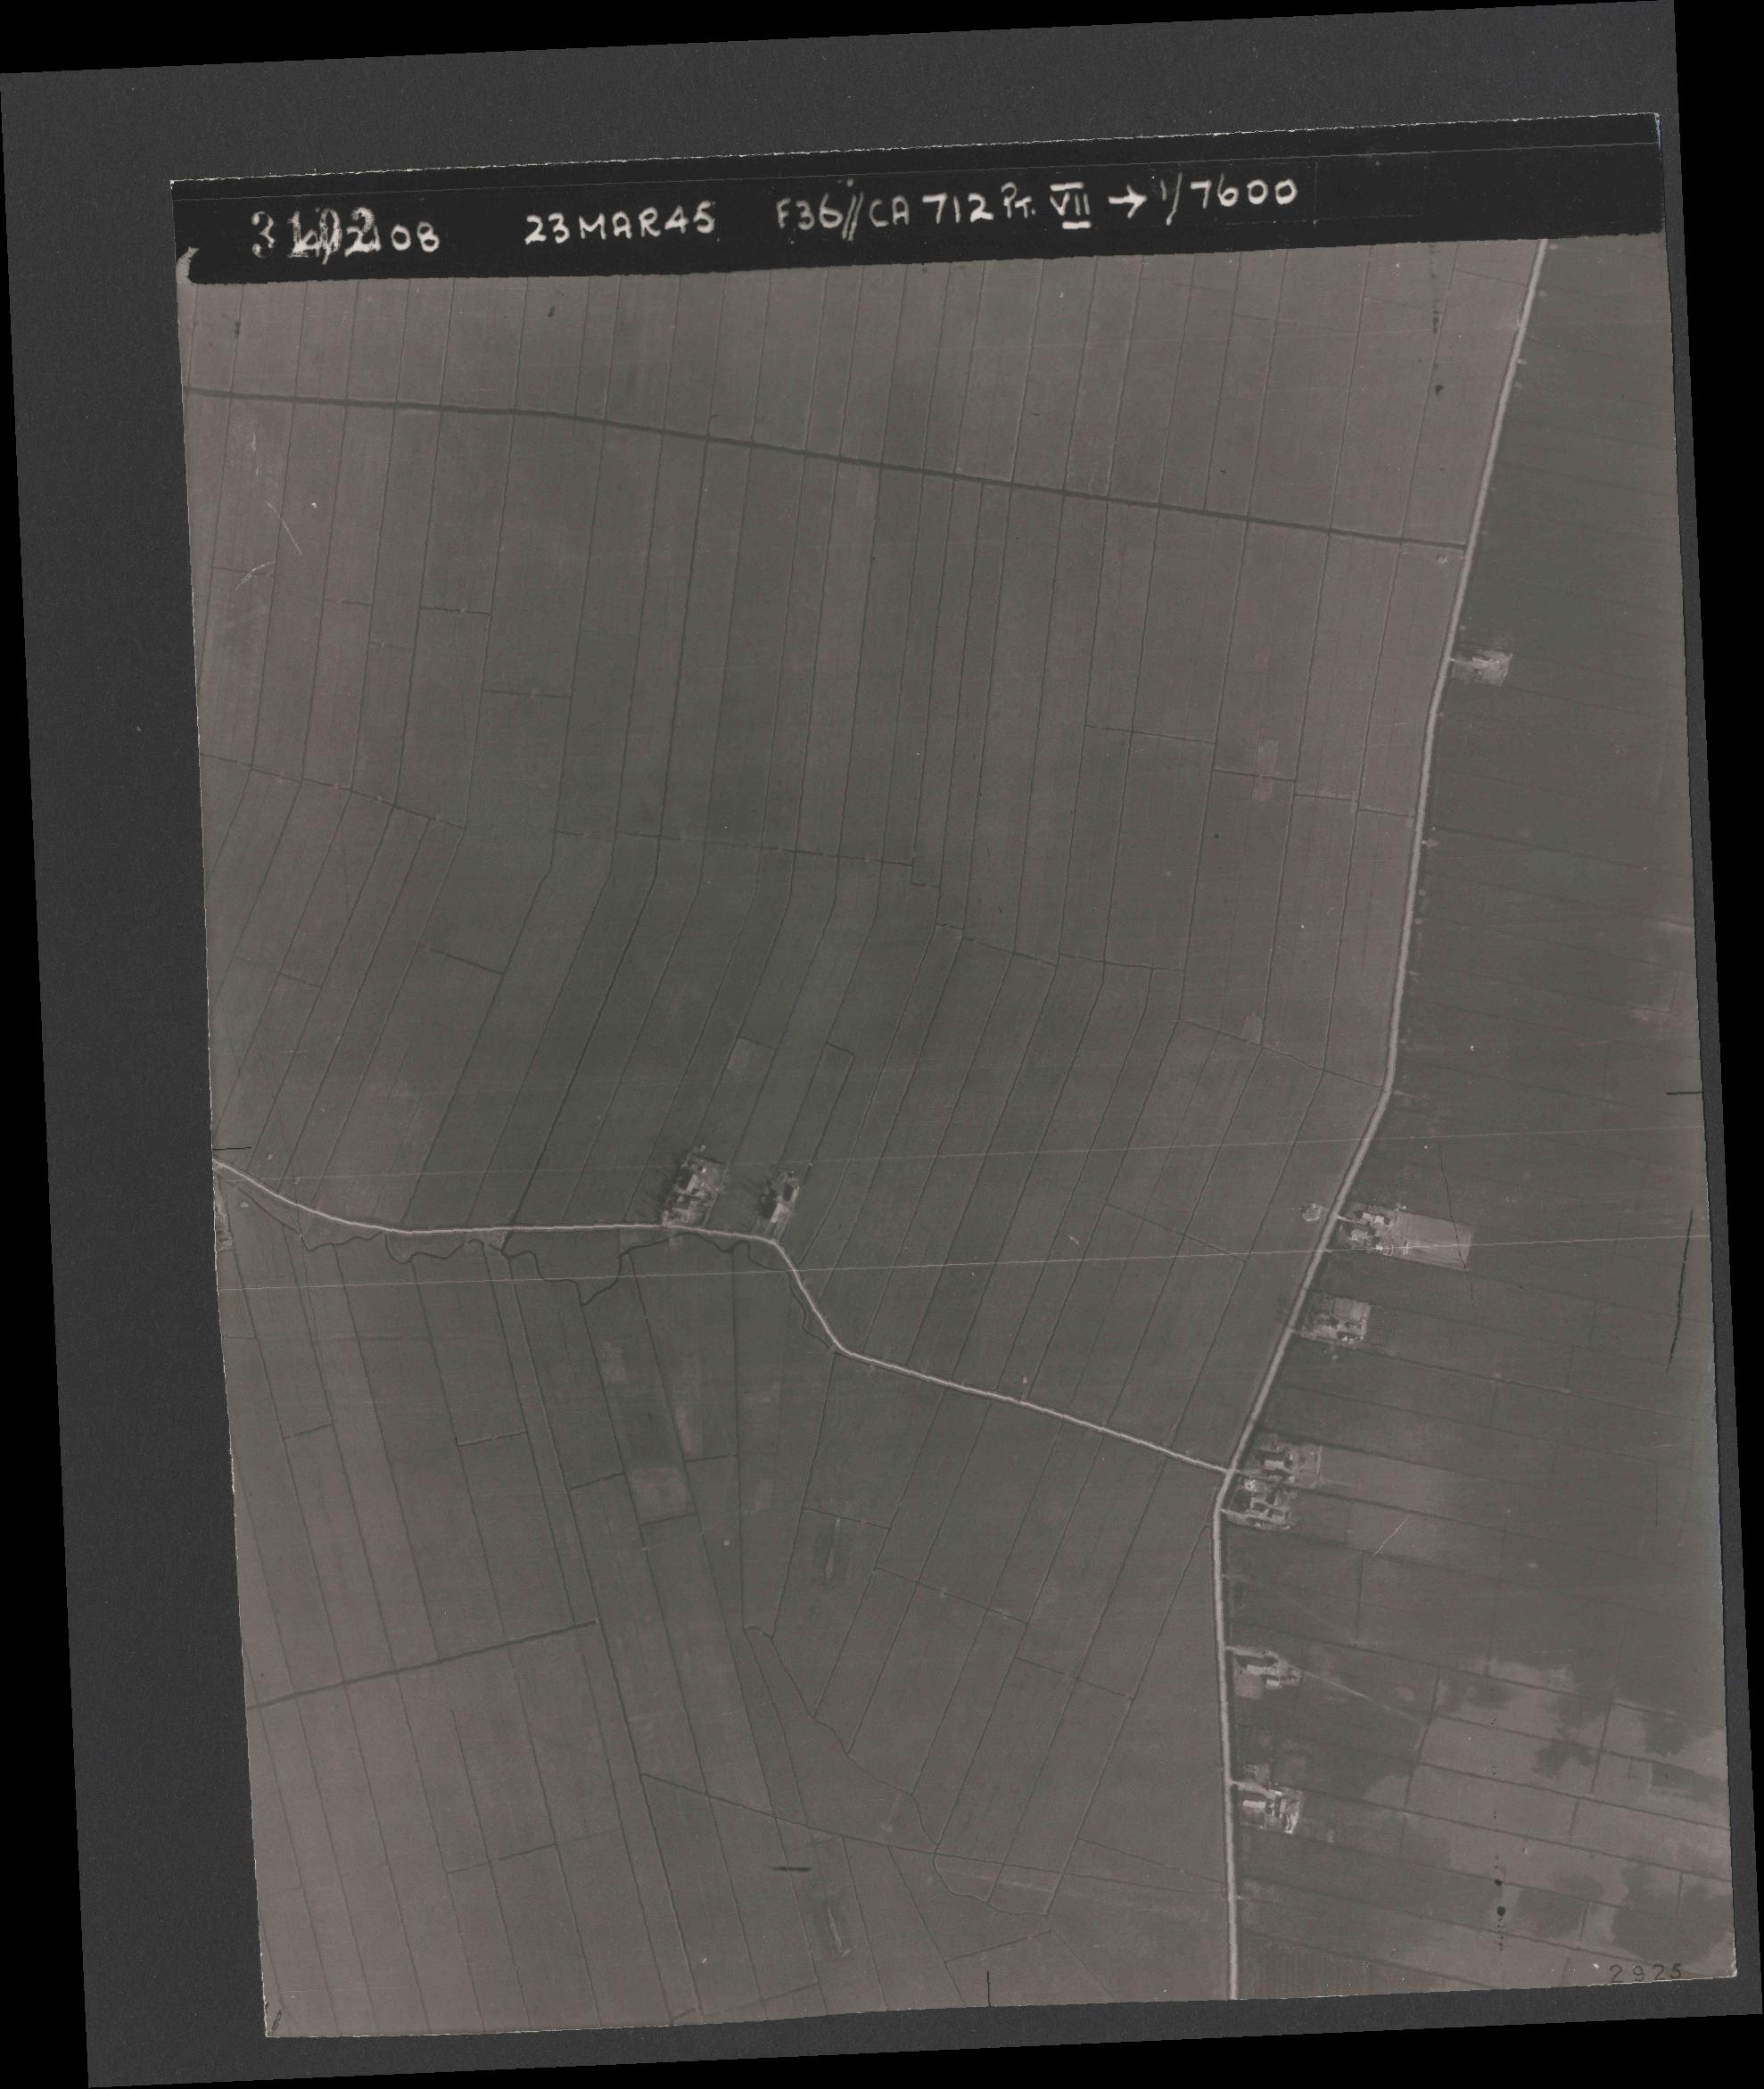 Collection RAF aerial photos 1940-1945 - flight 104, run 05, photo 3102